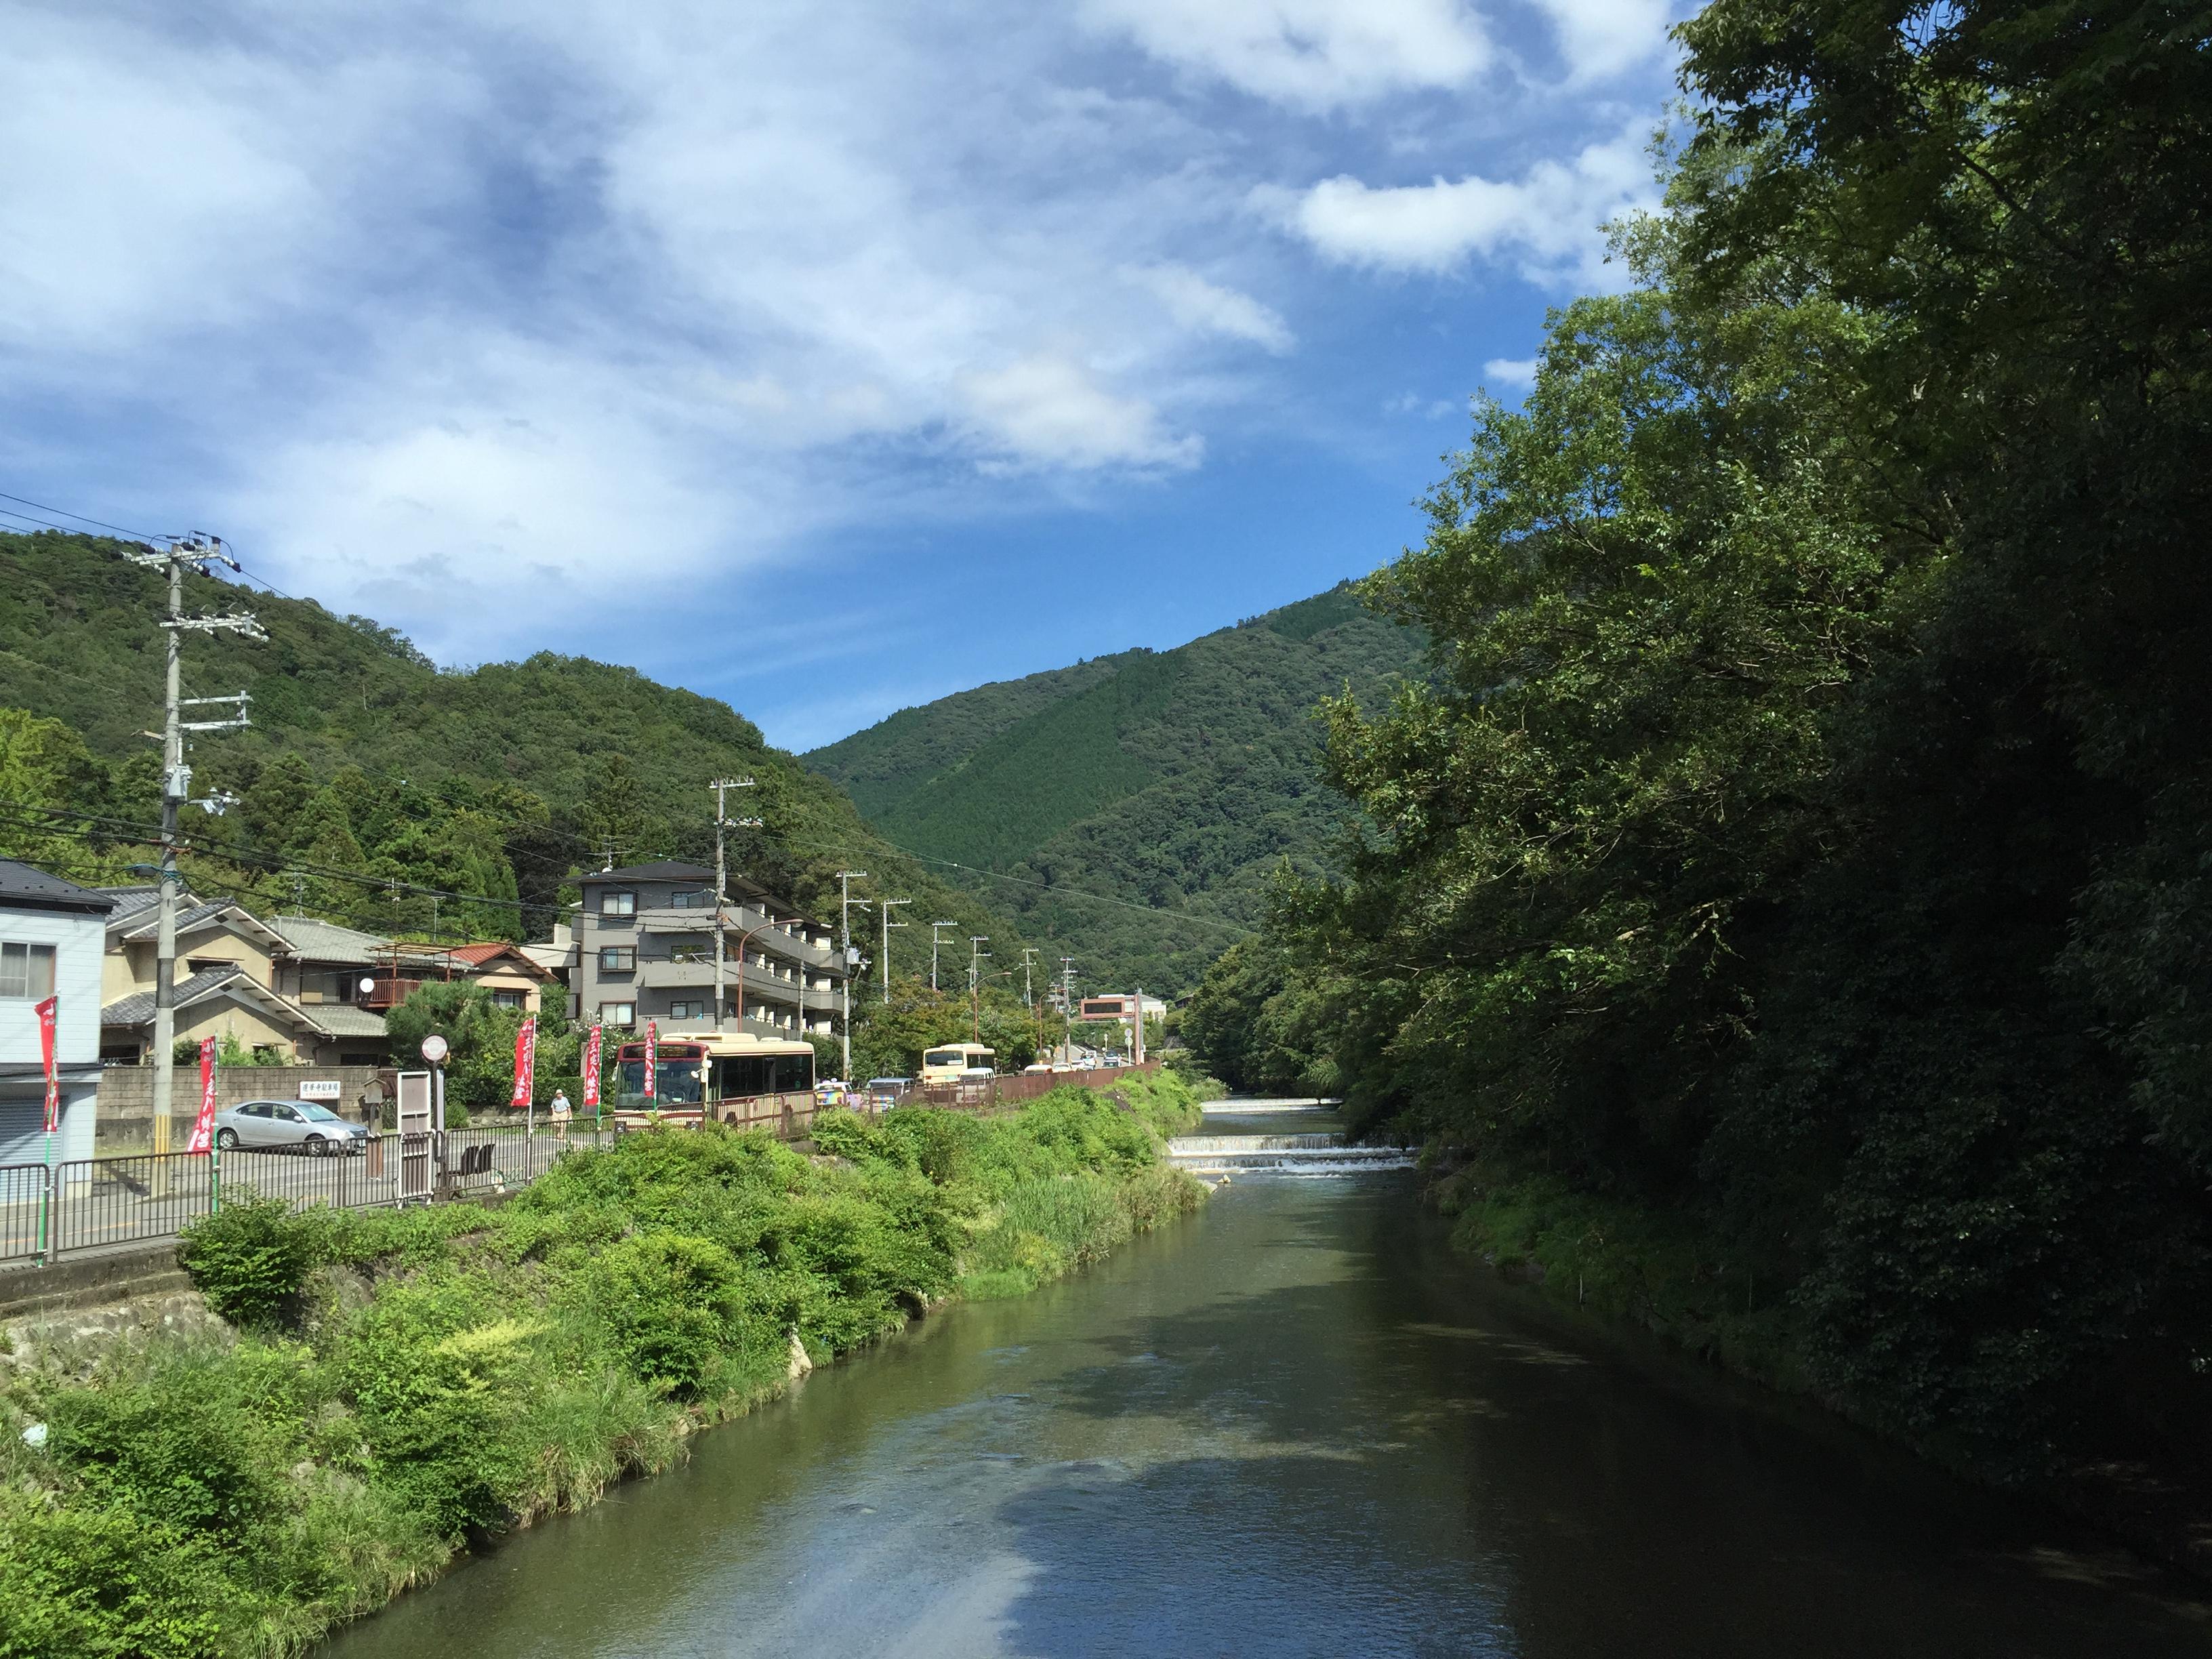 近くに川が流れていてとっても涼しいIMG_0243